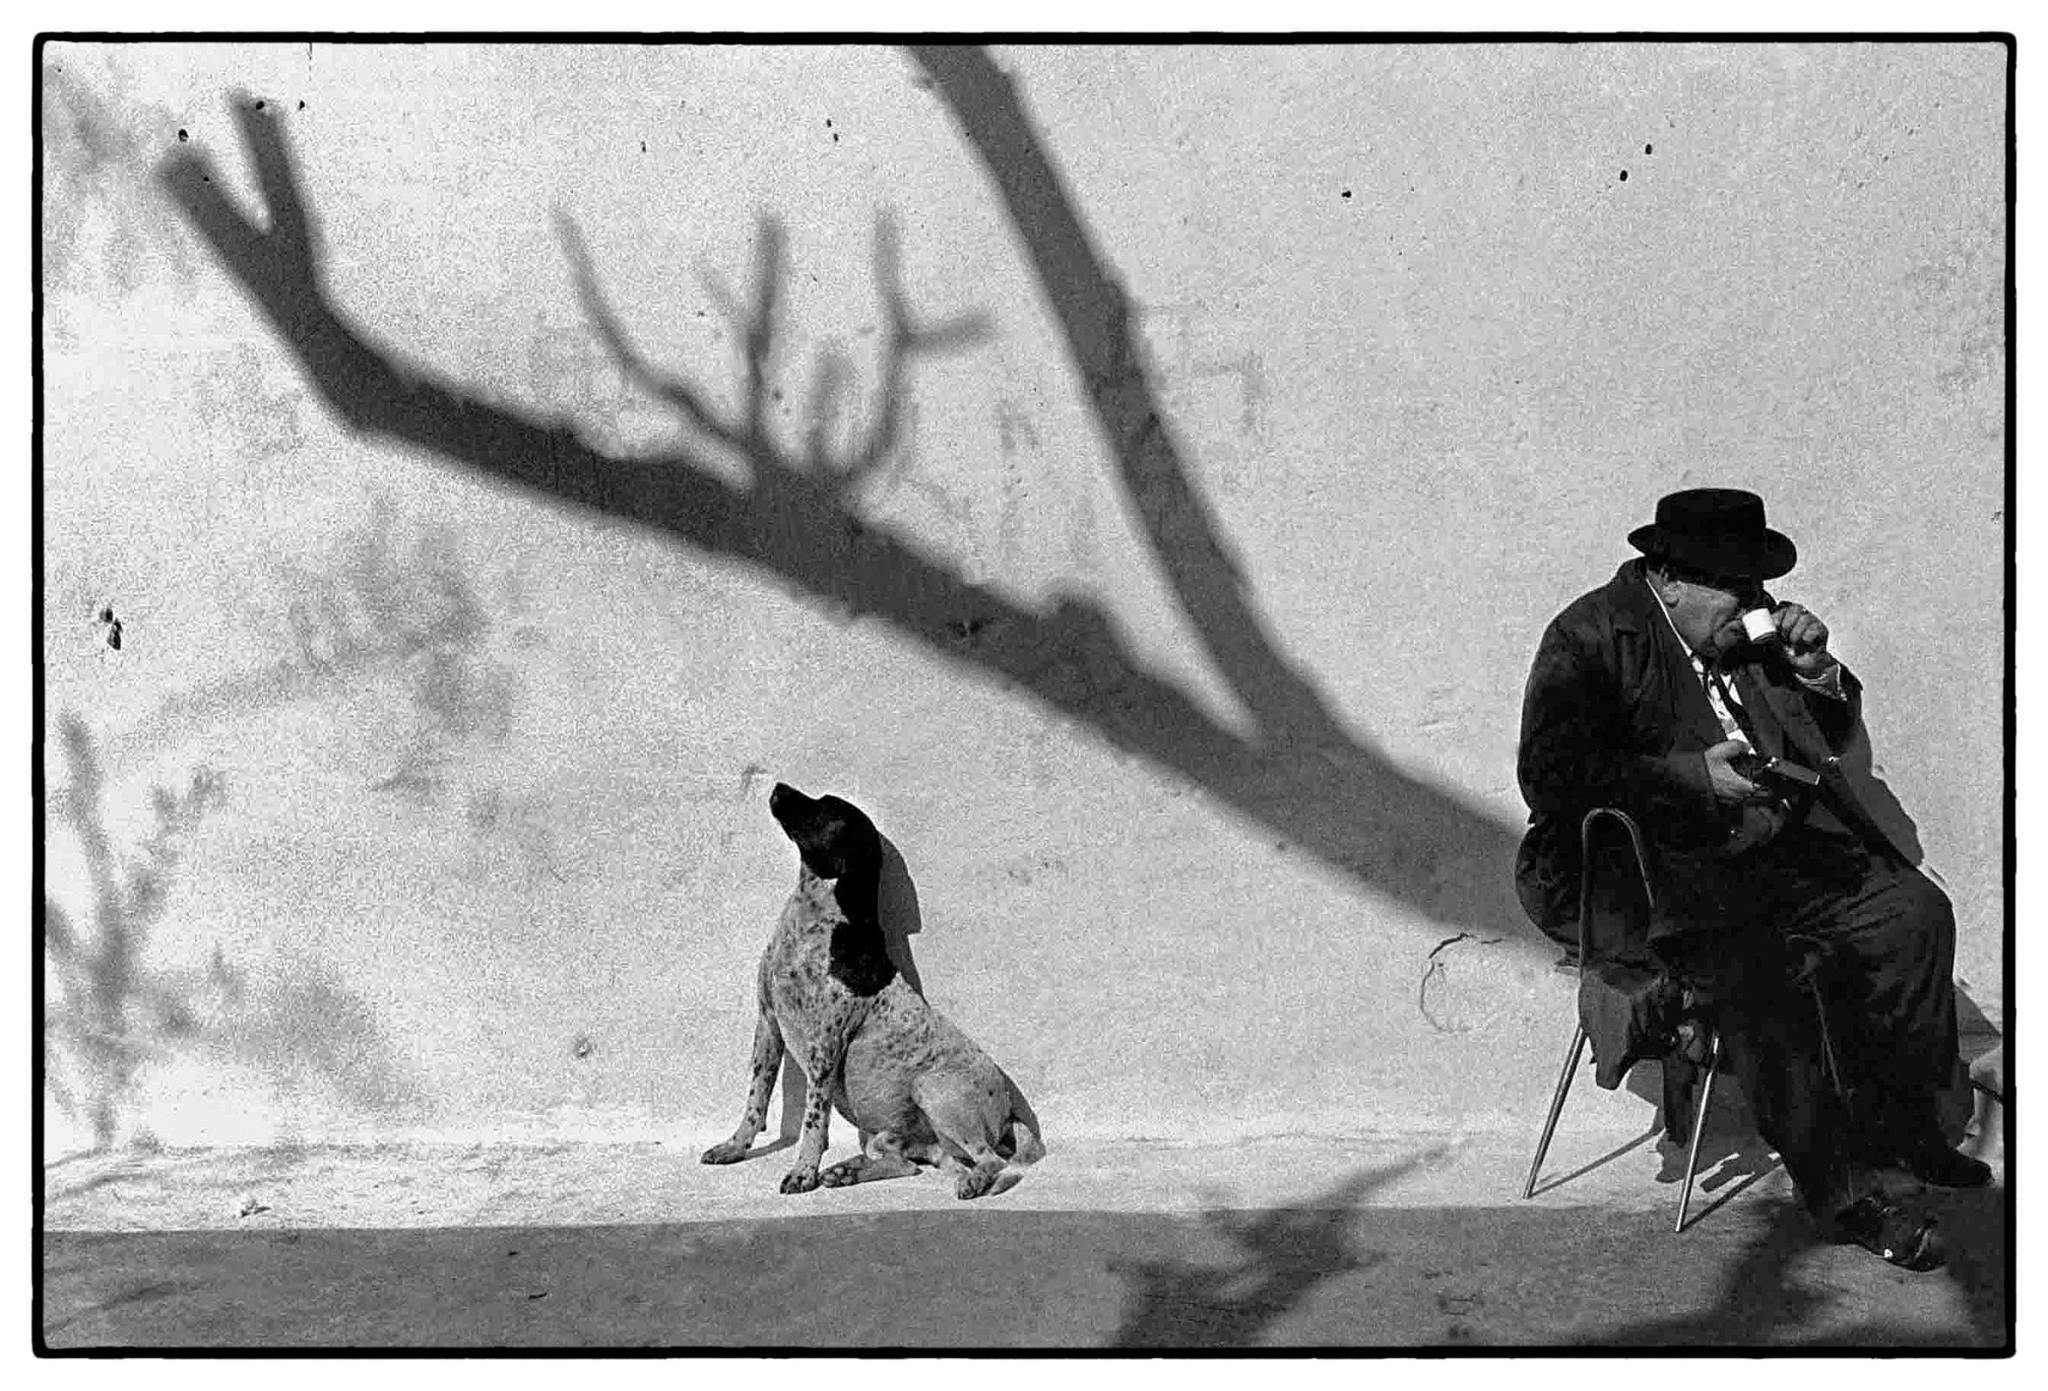 Афины, Греция, 1979. Фотограф Никос Экономопулос